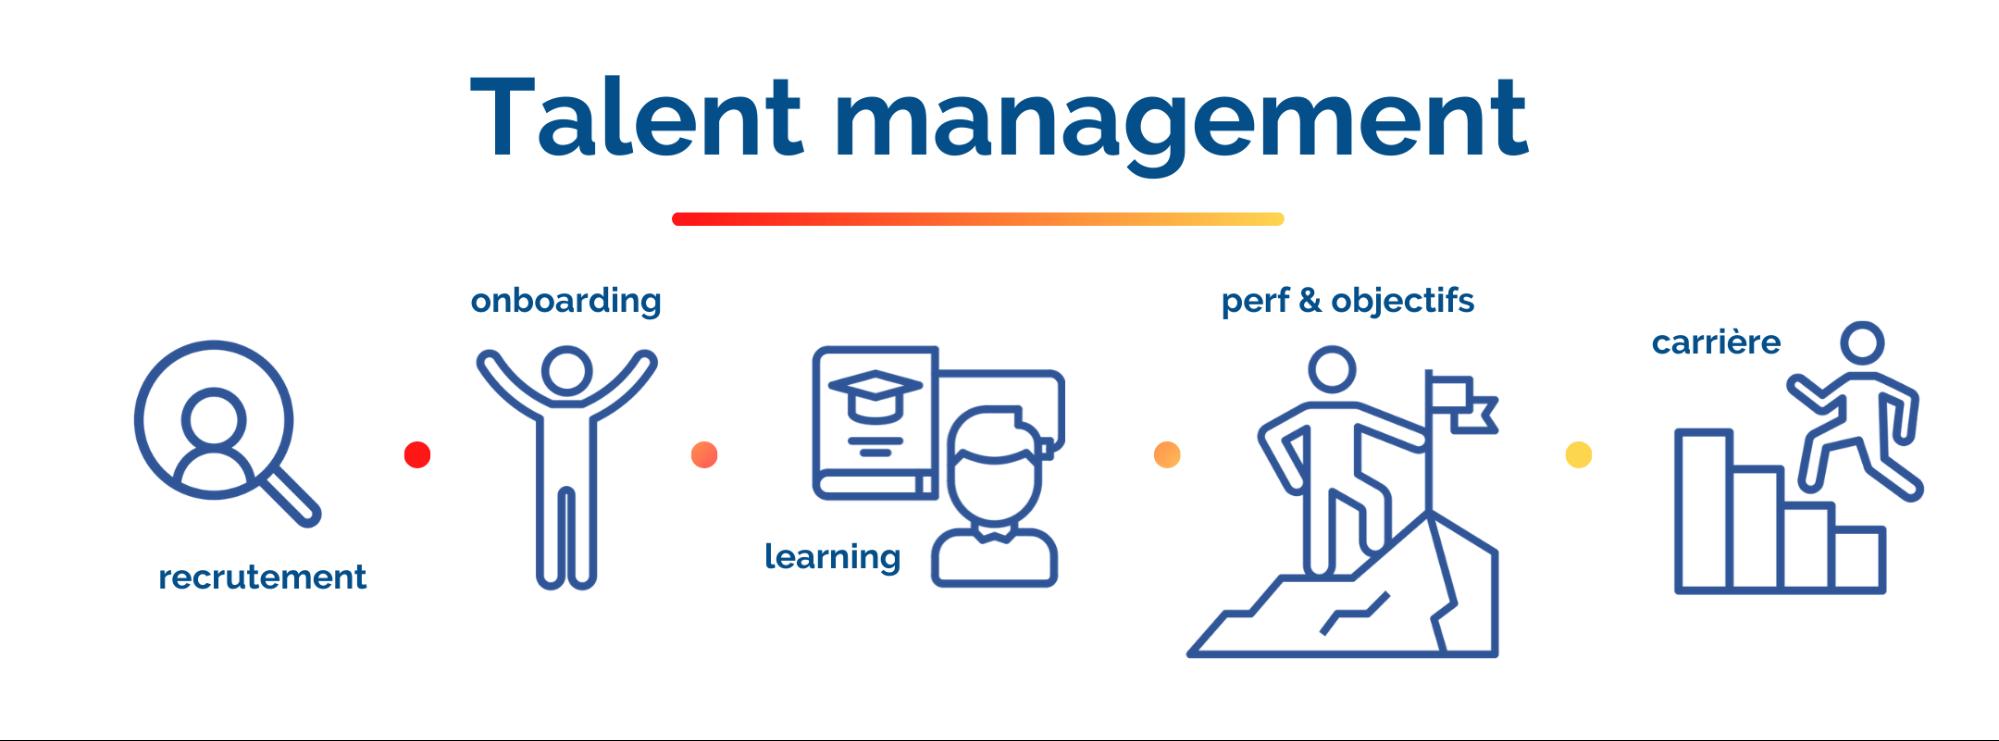 talent-management-outils